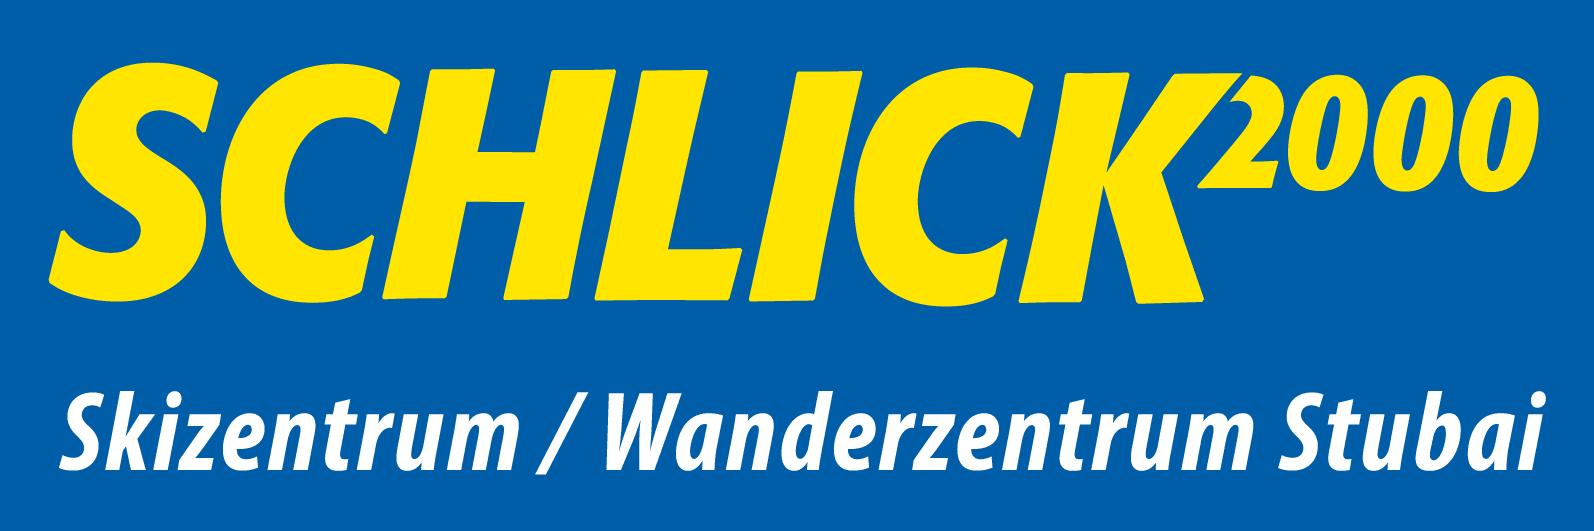 Schlick 2000, Schizentrum